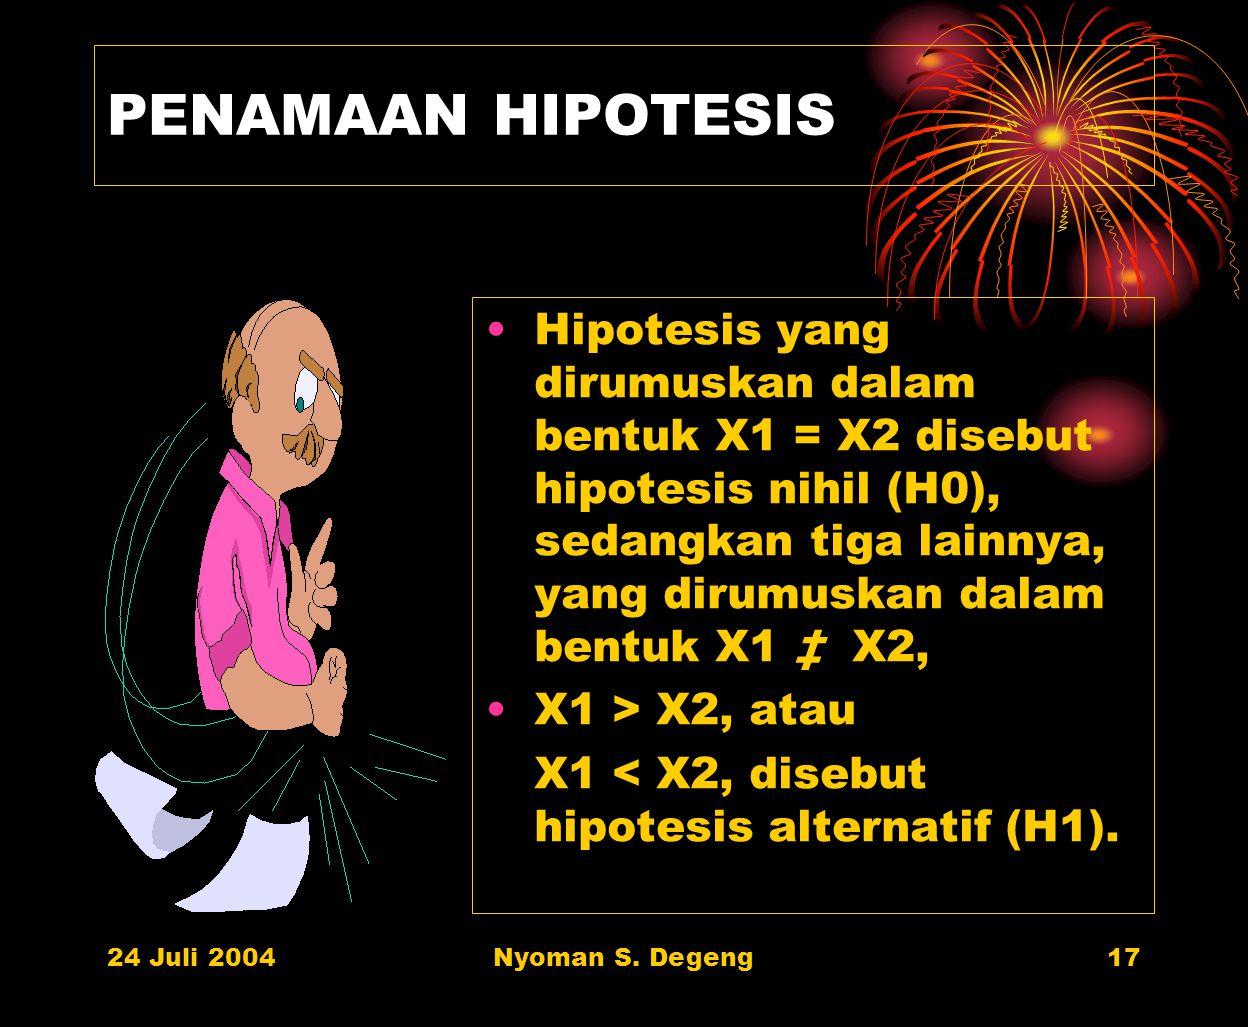 PENAMAAN HIPOTESIS